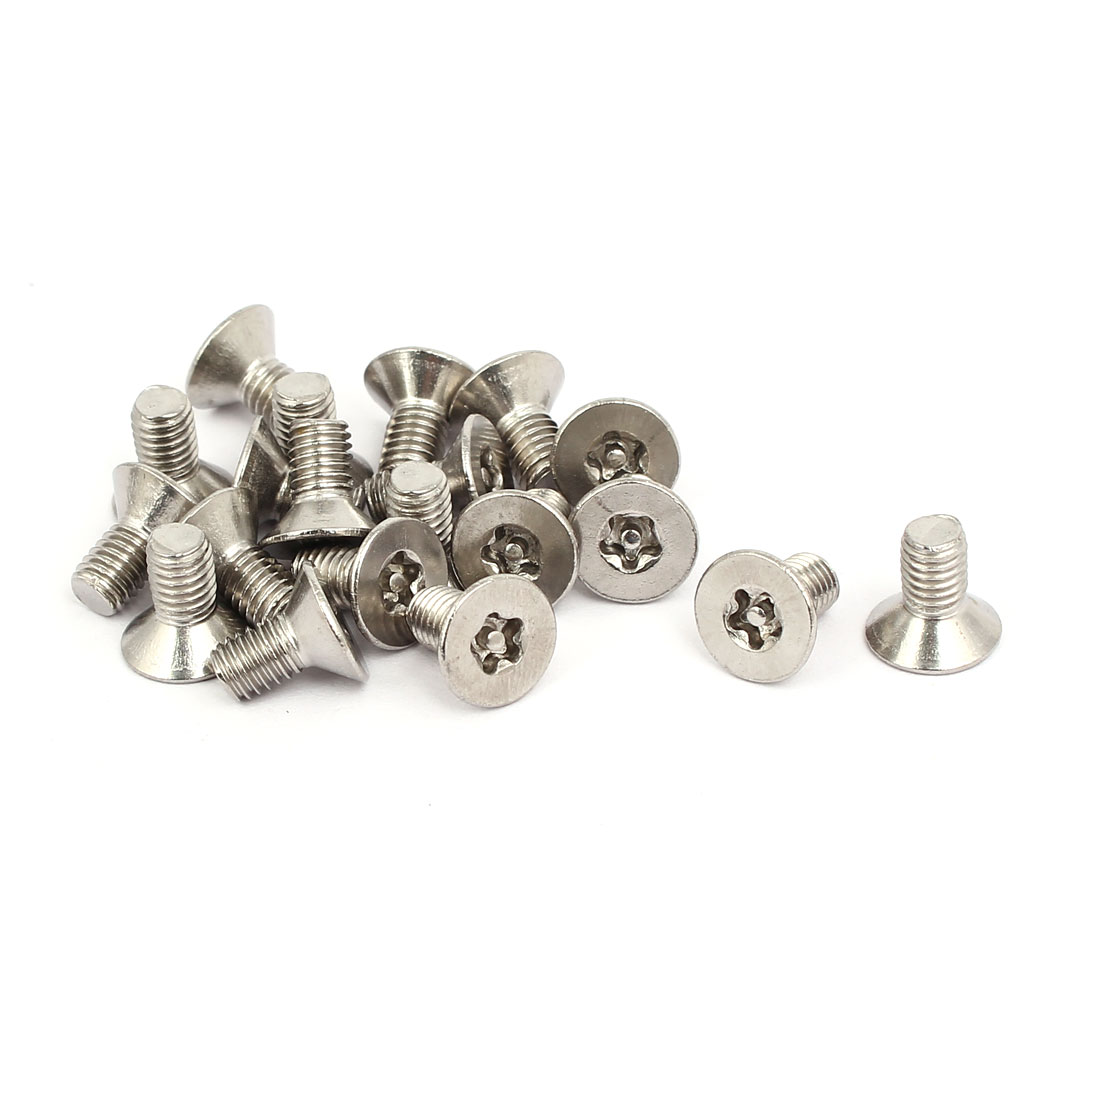 M5x10mm 304 Stainless Steel Flat Head Torx Five-Lobe Tamper Screw 20pcs